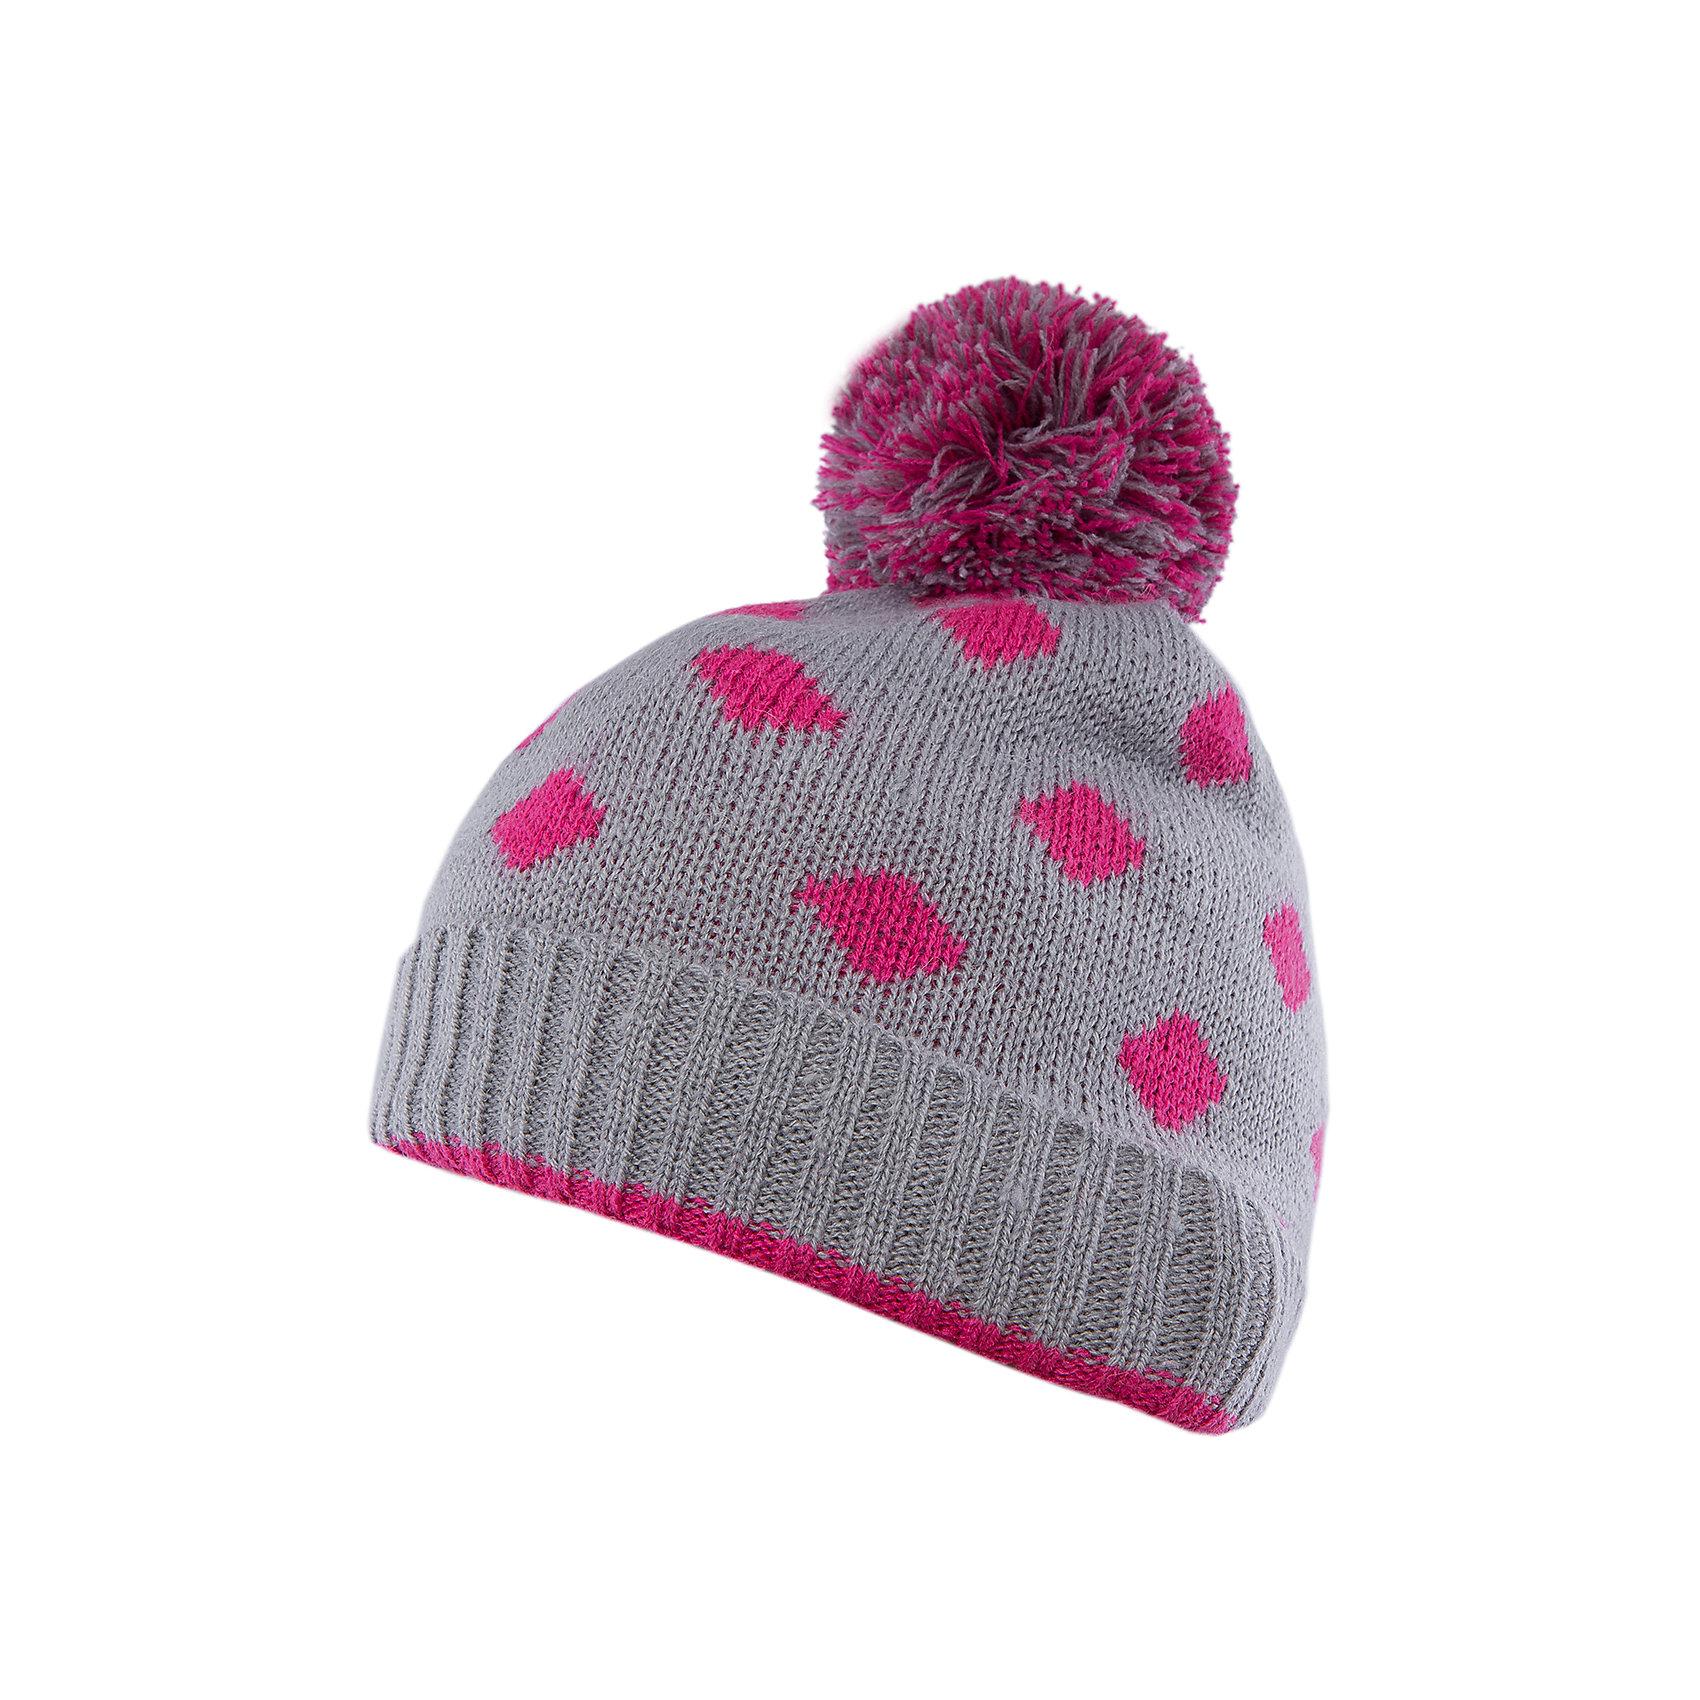 Шапка для девочки SELAГоловные уборы<br>Симпатичная удобная шапка - незаменимая вещь в прохладное время года. Эта модель отлично сидит на ребенке, она сделана из плотного материала, позволяет гулять с комфортом на свежем воздухе зимой. Мягкая резинка по инзу изделия обеспечивает ребенку комфорт. Модель будет уместна в различных сочетаниях.<br>Одежда от бренда Sela (Села) - это качество по приемлемым ценам. Многие российские родители уже оценили преимущества продукции этой компании и всё чаще приобретают одежду и аксессуары Sela.<br><br>Дополнительная информация:<br><br>цвет: серый;<br>материал: 85% акрил, 15% шерсть;<br>вязаный узор.<br><br>Шапку для девочки от бренда Sela можно купить в нашем интернет-магазине.<br><br>Ширина мм: 89<br>Глубина мм: 117<br>Высота мм: 44<br>Вес г: 155<br>Цвет: серый<br>Возраст от месяцев: 48<br>Возраст до месяцев: 84<br>Пол: Женский<br>Возраст: Детский<br>Размер: 52-54<br>SKU: 4943985